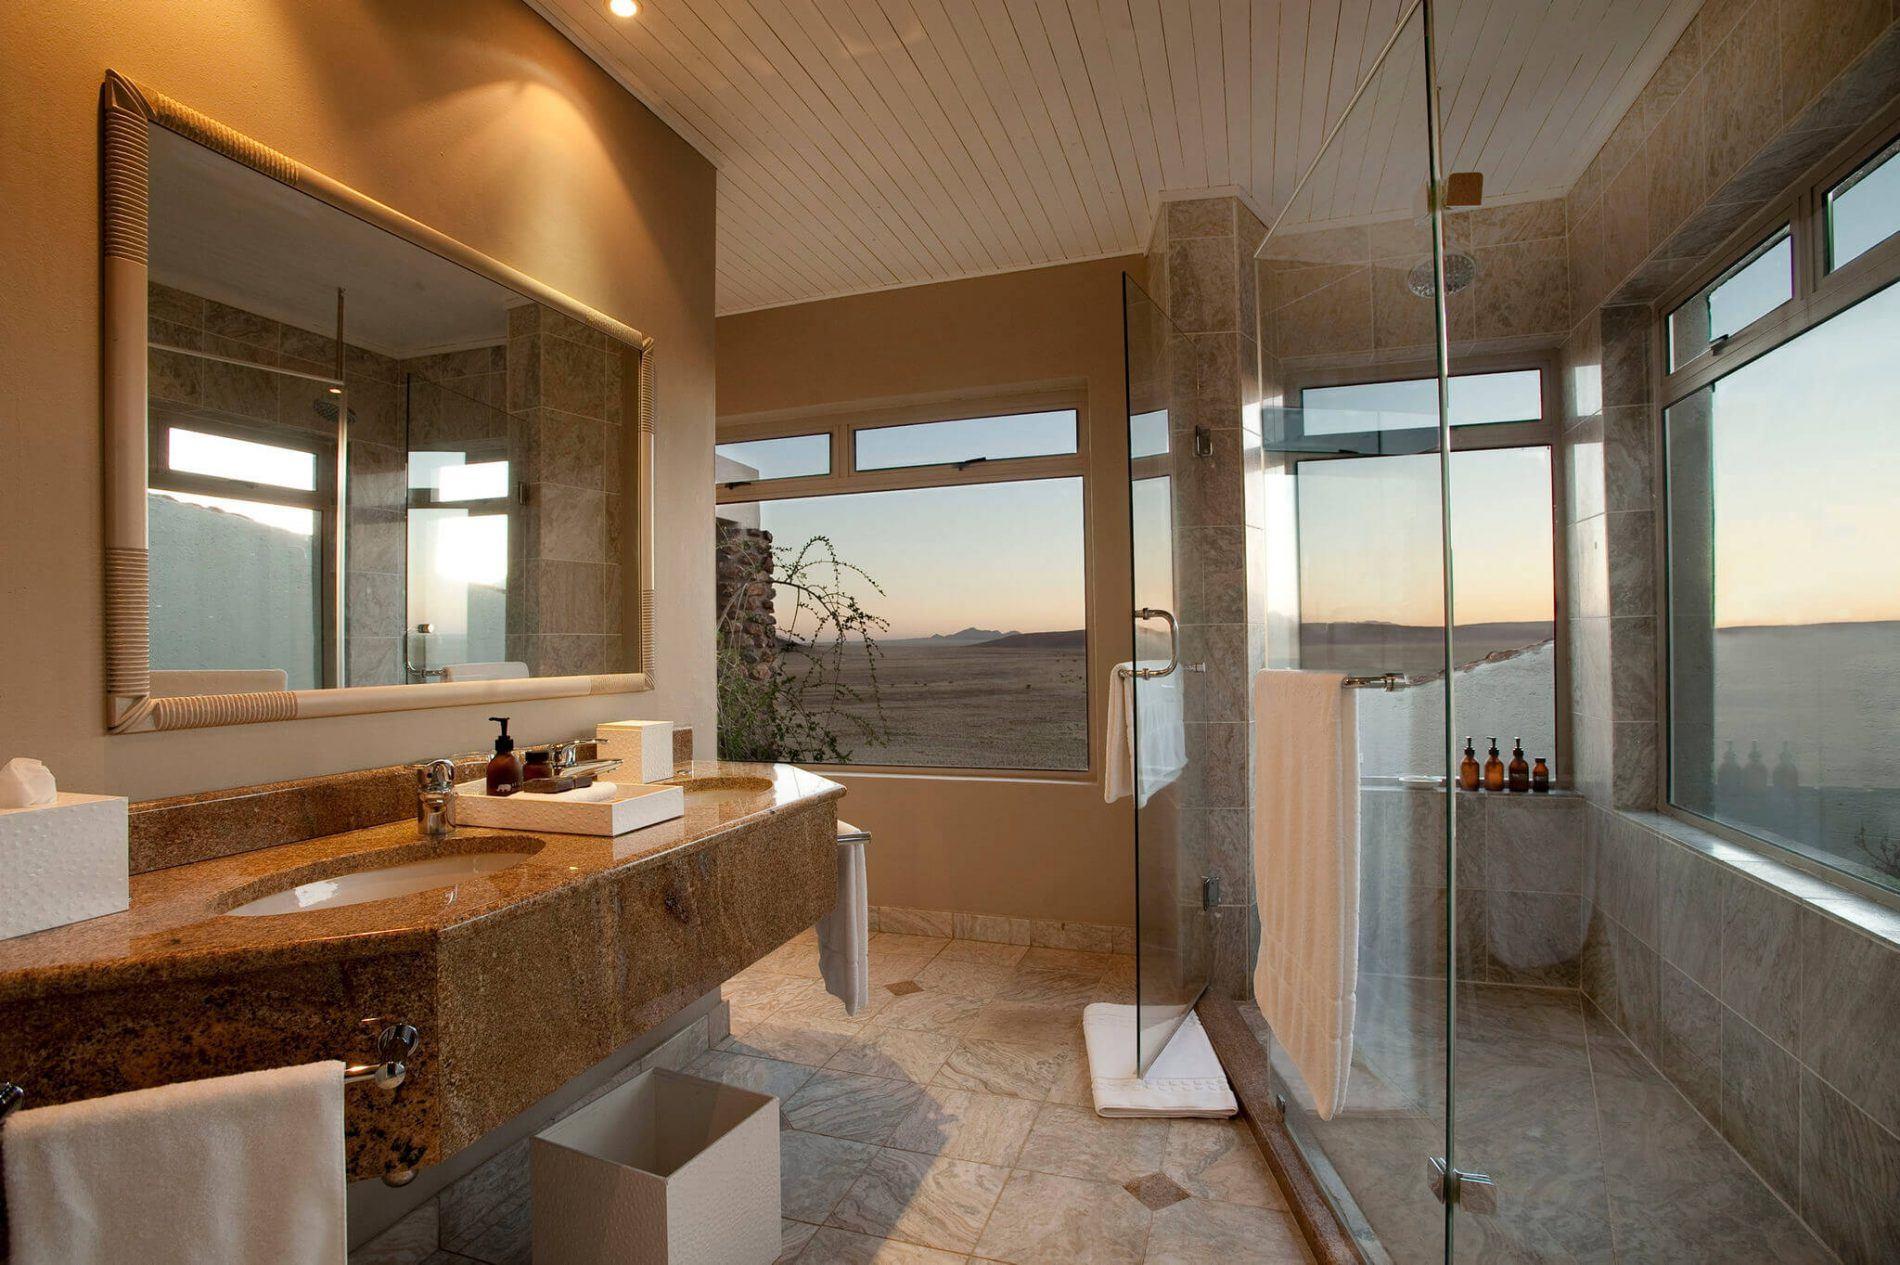 Badezimmer mit Aussicht in der &Beyond Sossusvlei Desert Lodge